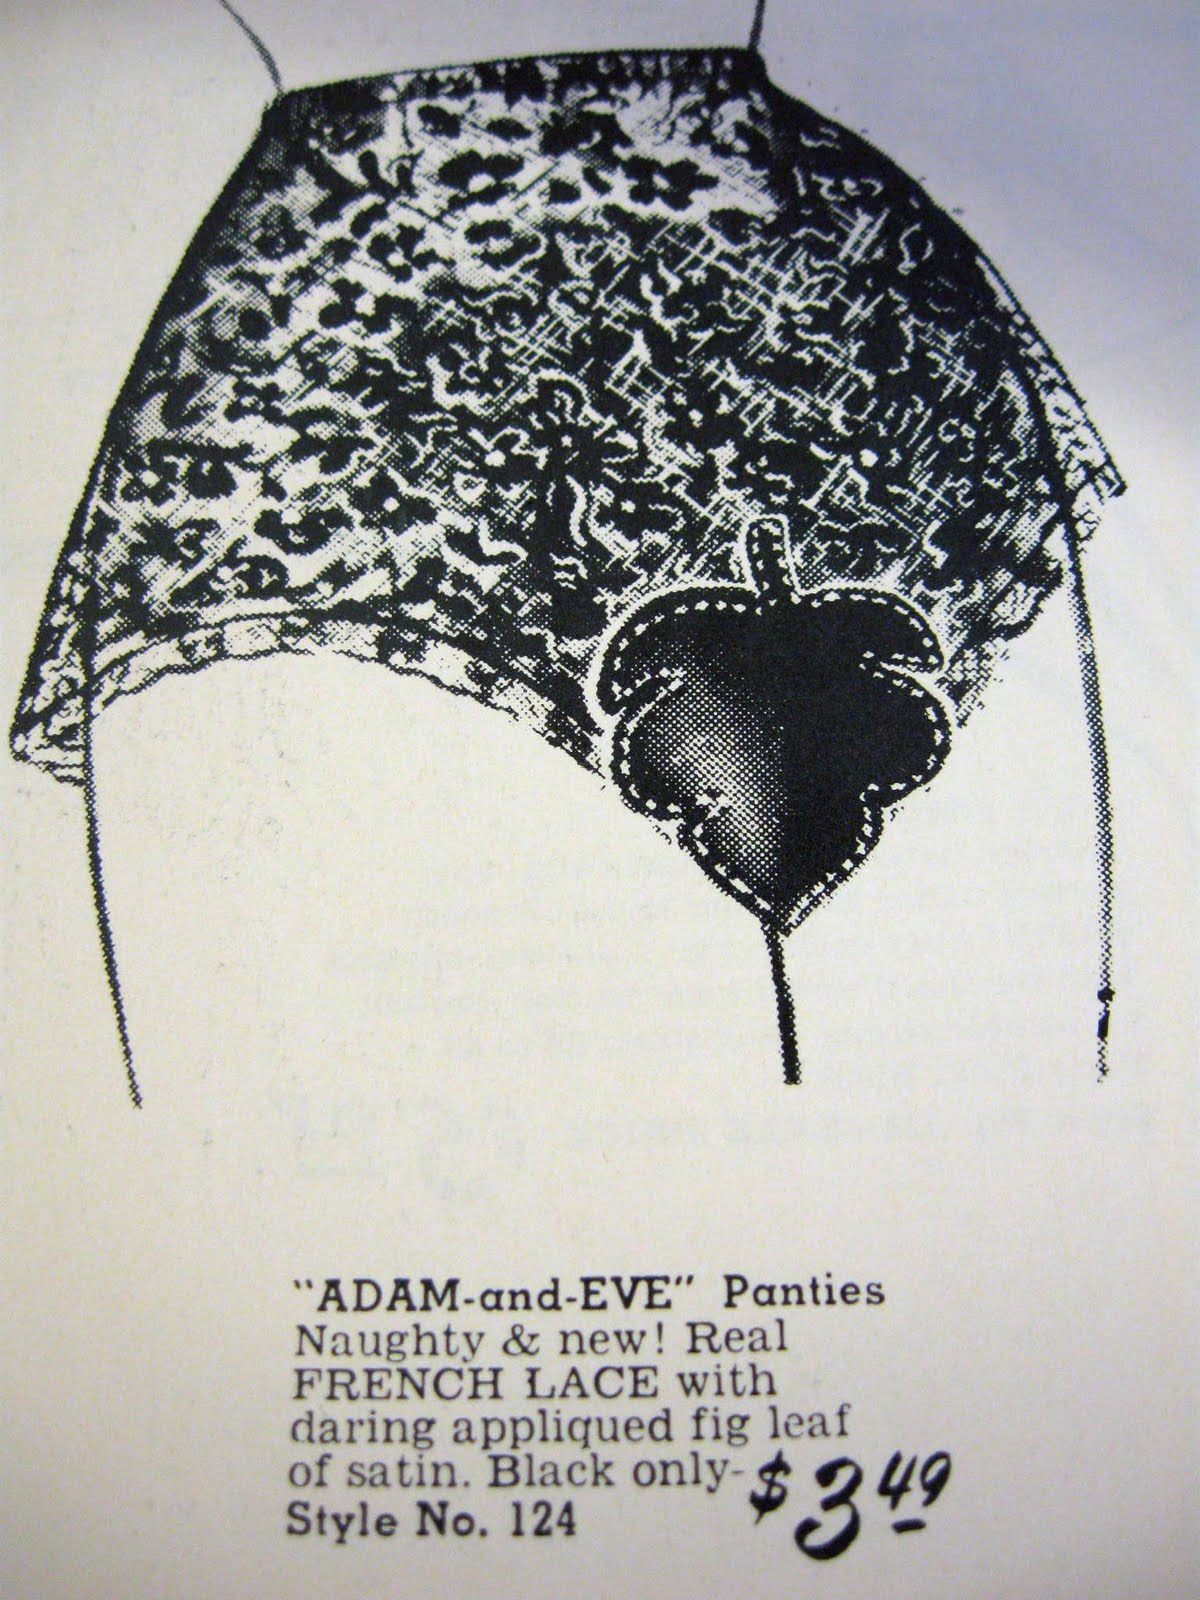 http://2.bp.blogspot.com/_P5kGOfjBUo8/TAb9GE79j-I/AAAAAAAAAjM/wNCyGLYkrpw/s1600/_zzz_vintage_lingerie+152.jpg